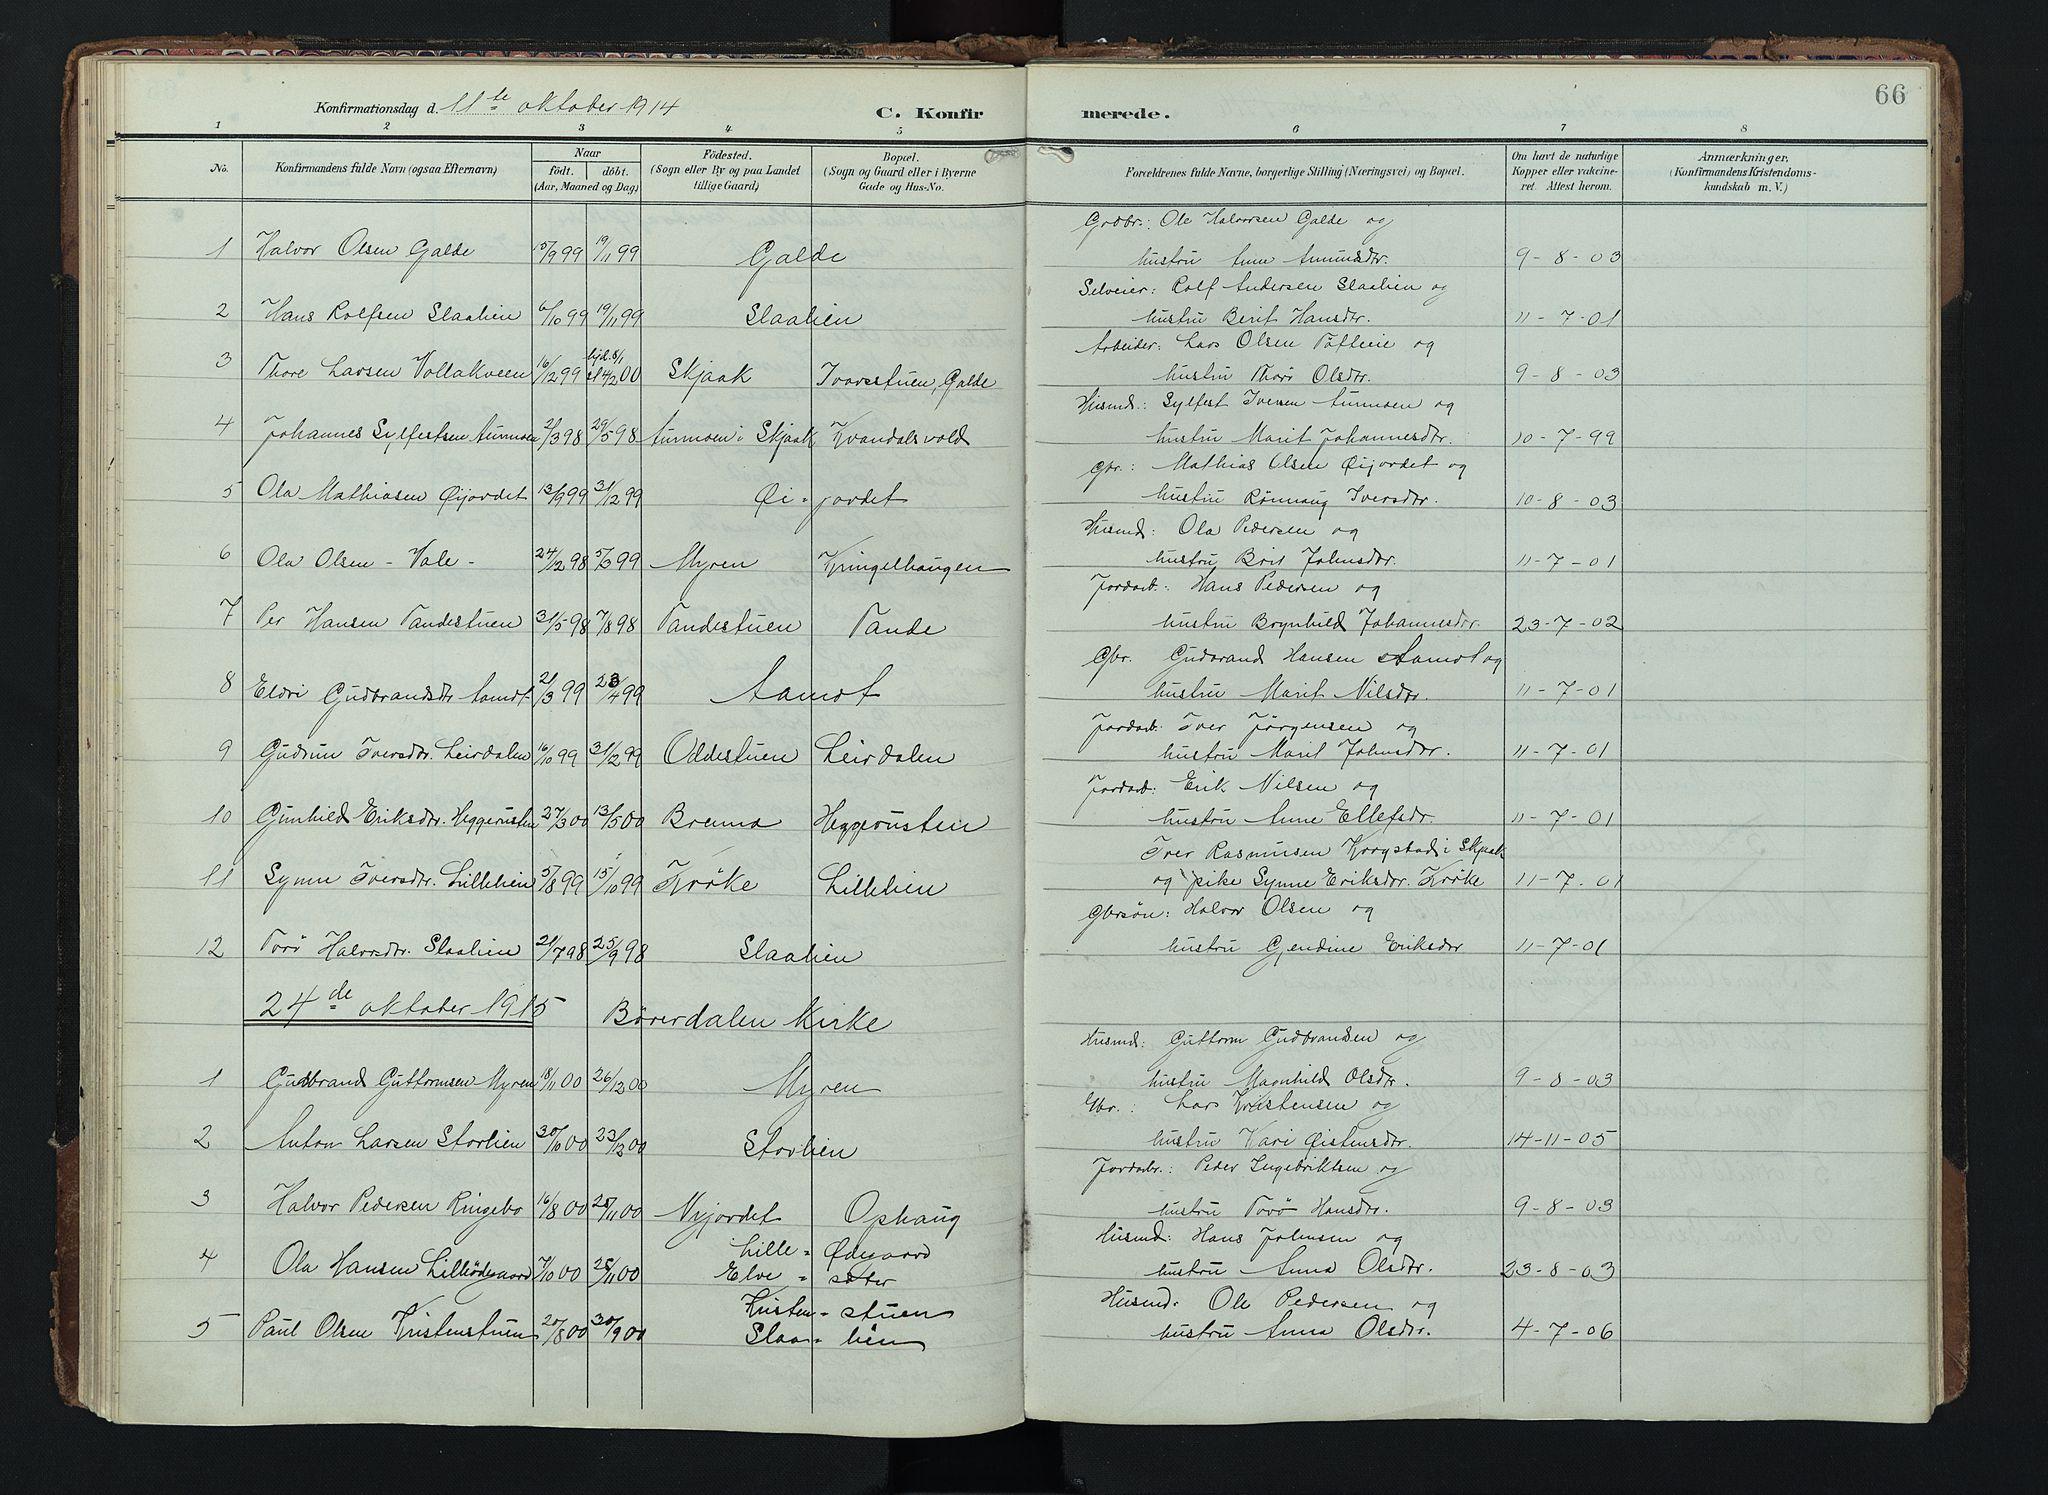 SAH, Lom prestekontor, K/L0012: Ministerialbok nr. 12, 1904-1928, s. 66